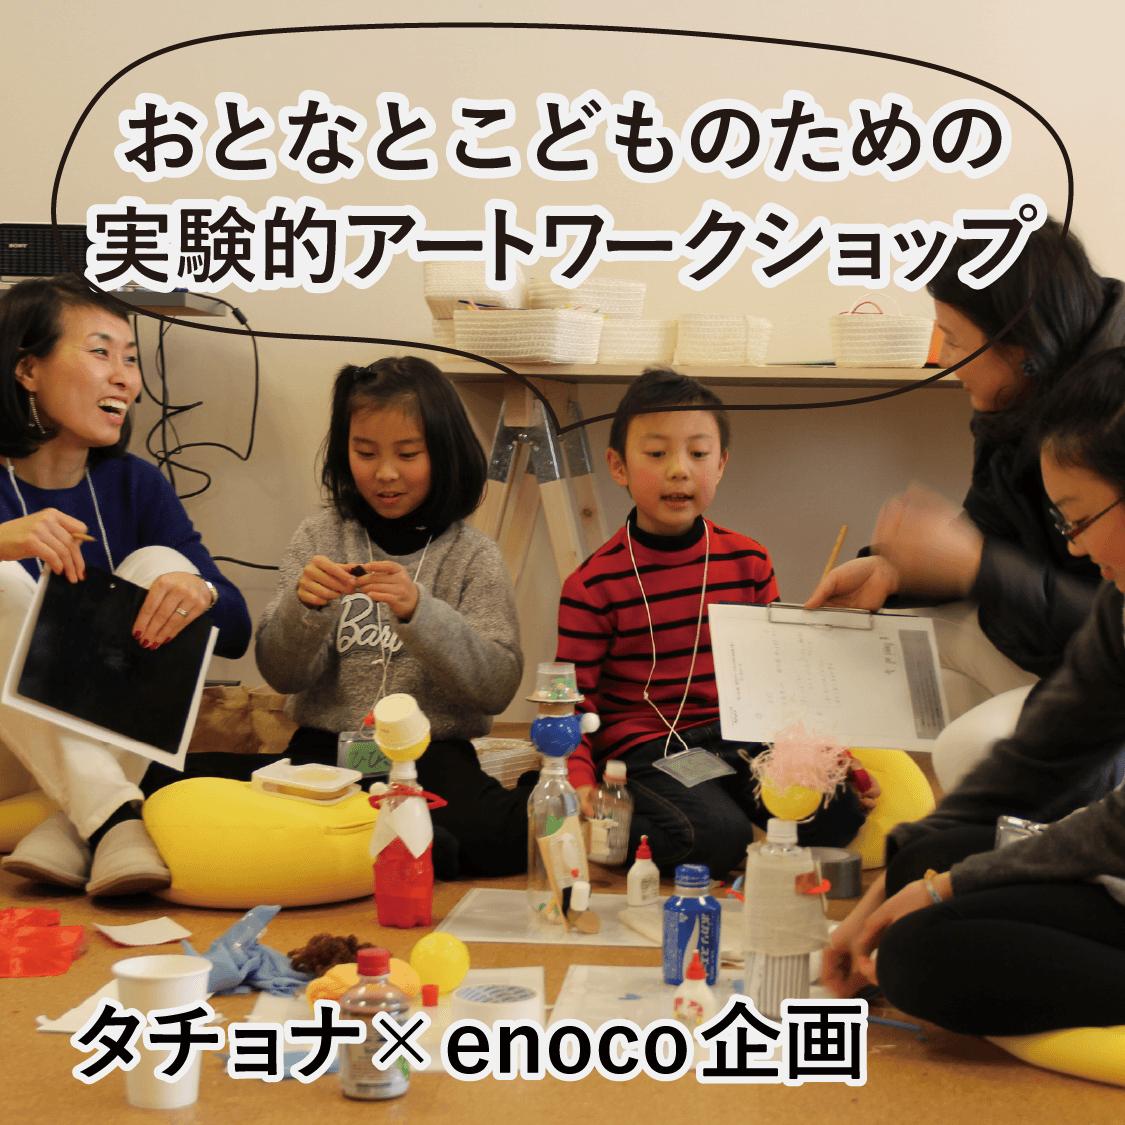 タチョナ×enocoアートワークショップ